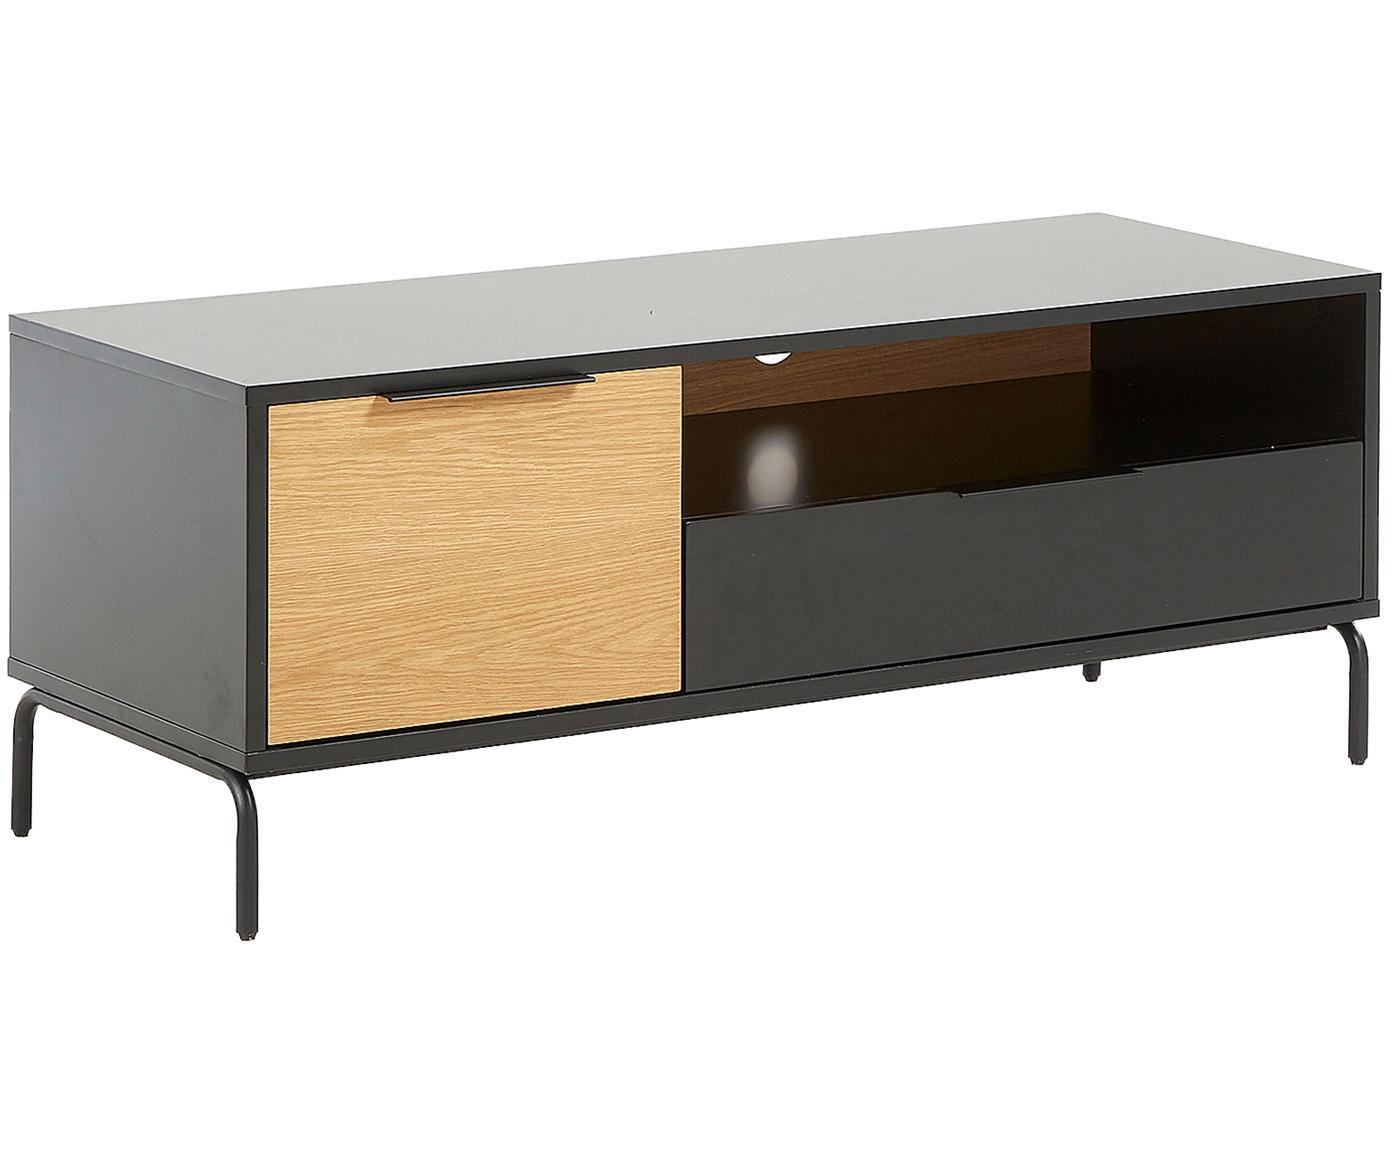 TV-Lowboard Stellar mit einer Türe und Schublade, Schwarz, Eichenholz, 120 x 50 cm